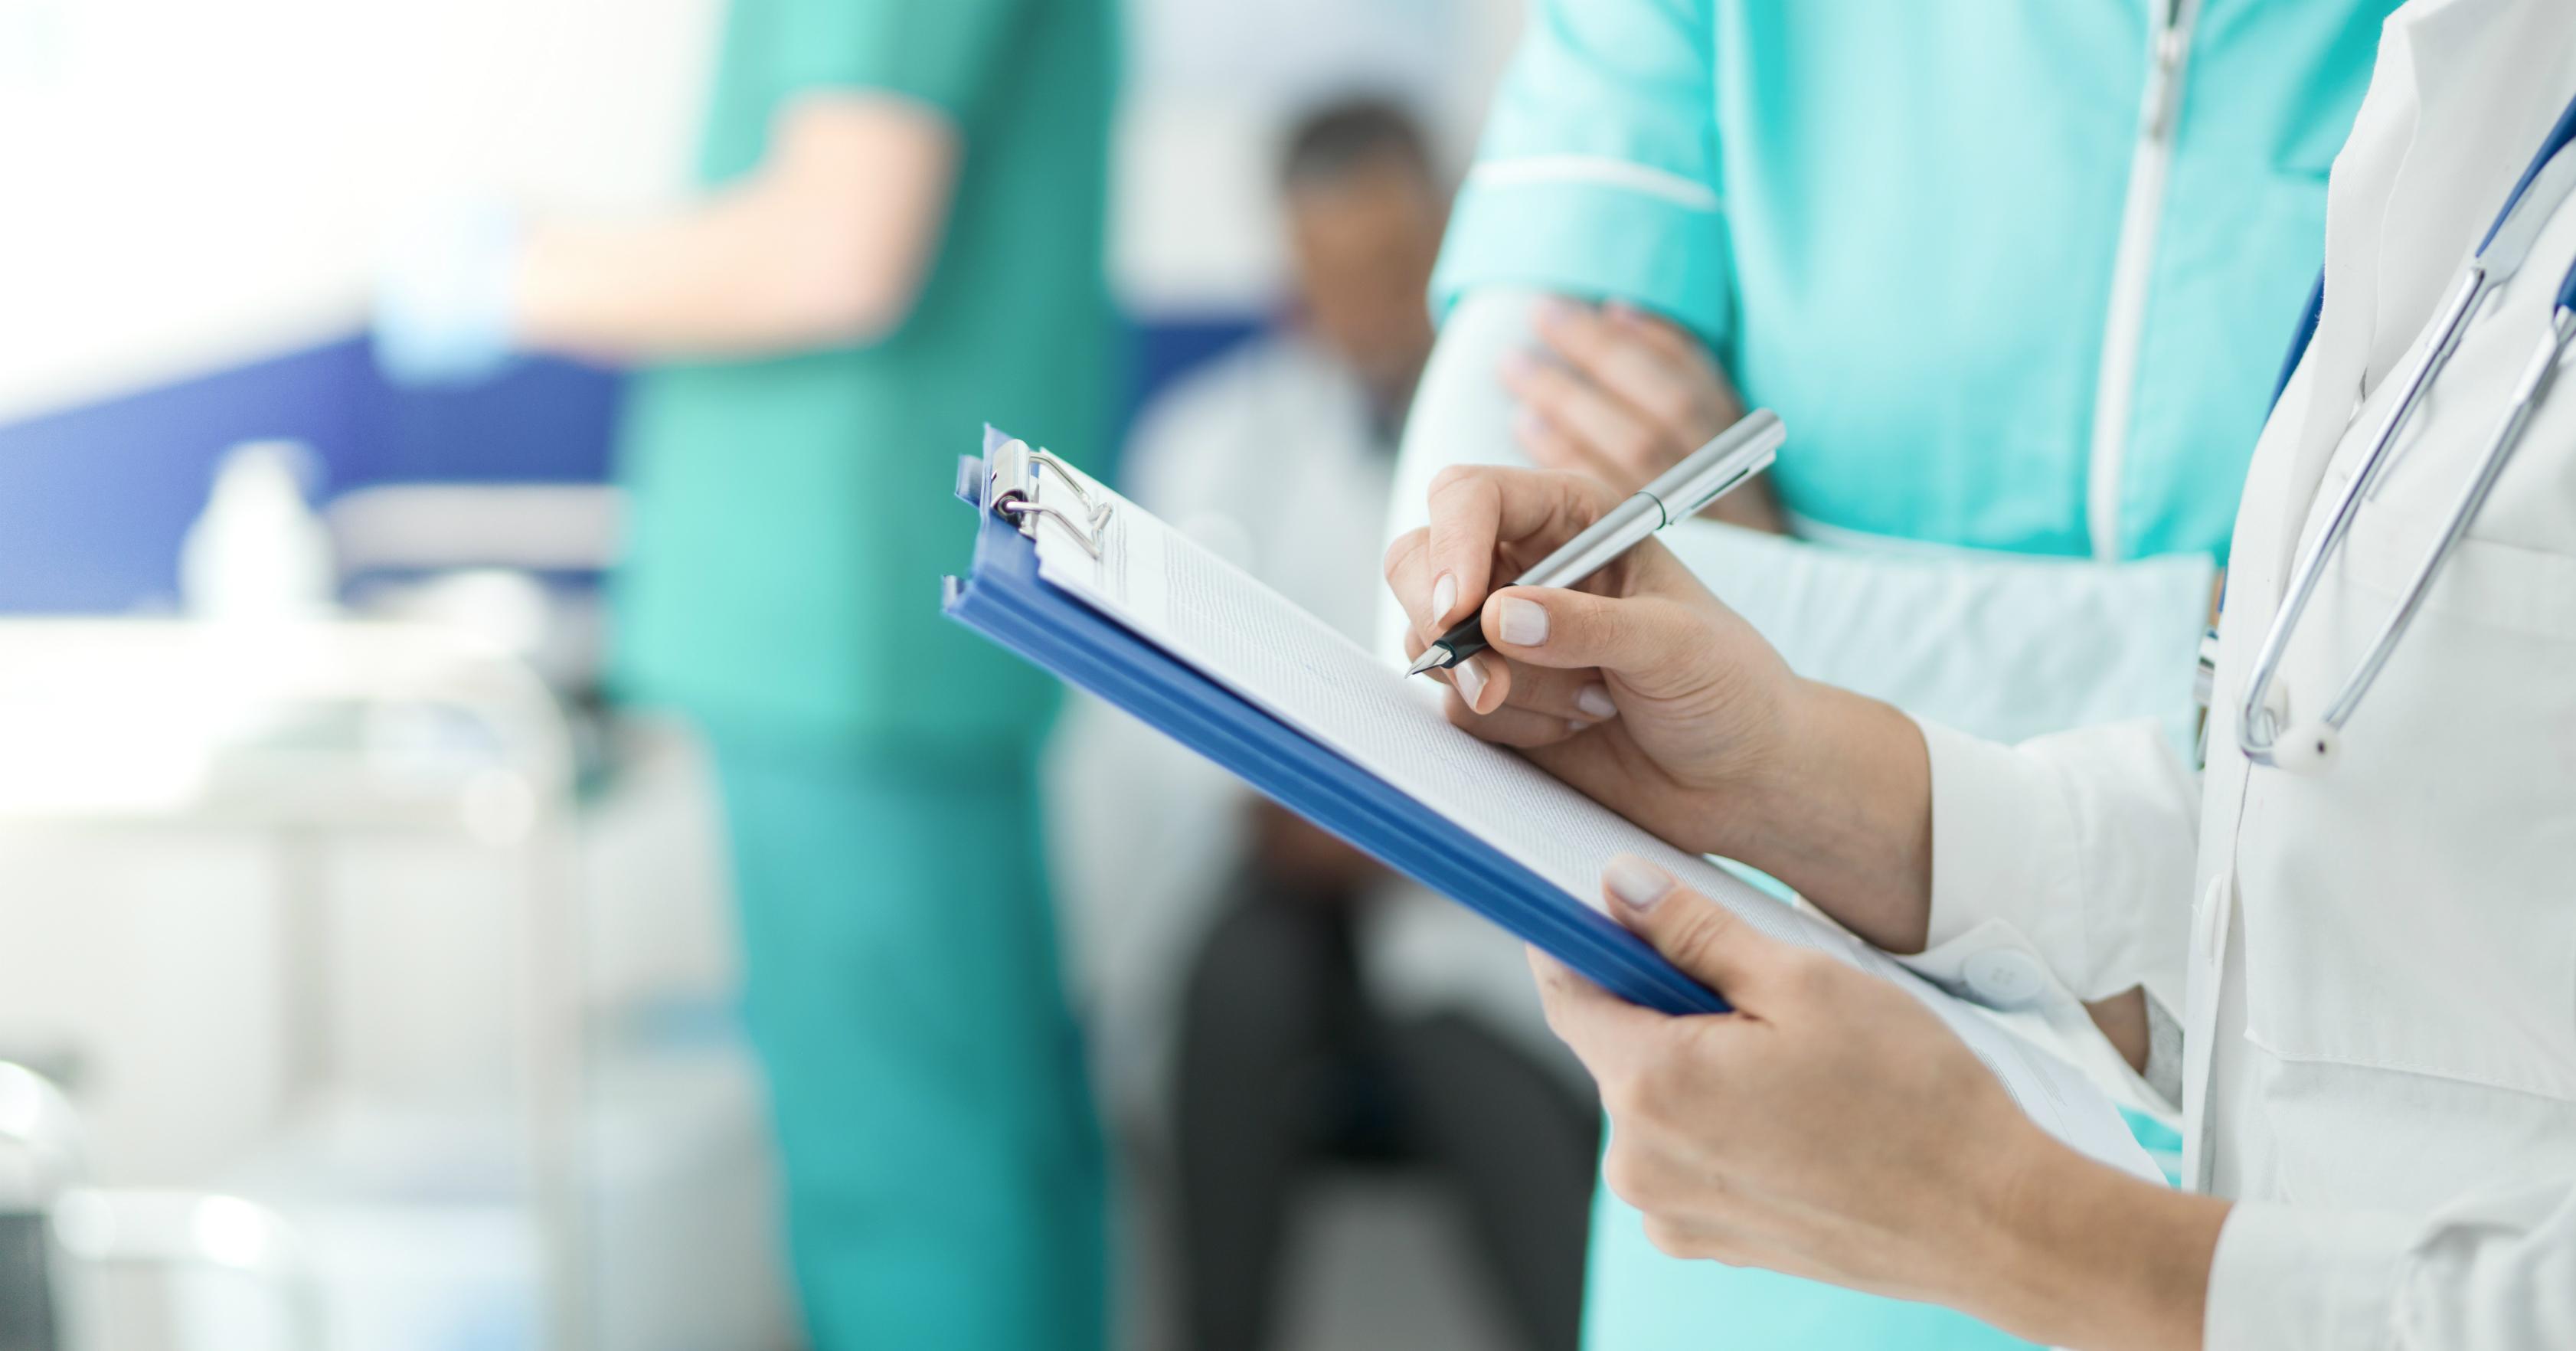 Confira o que está coberto no seguro para doenças graves